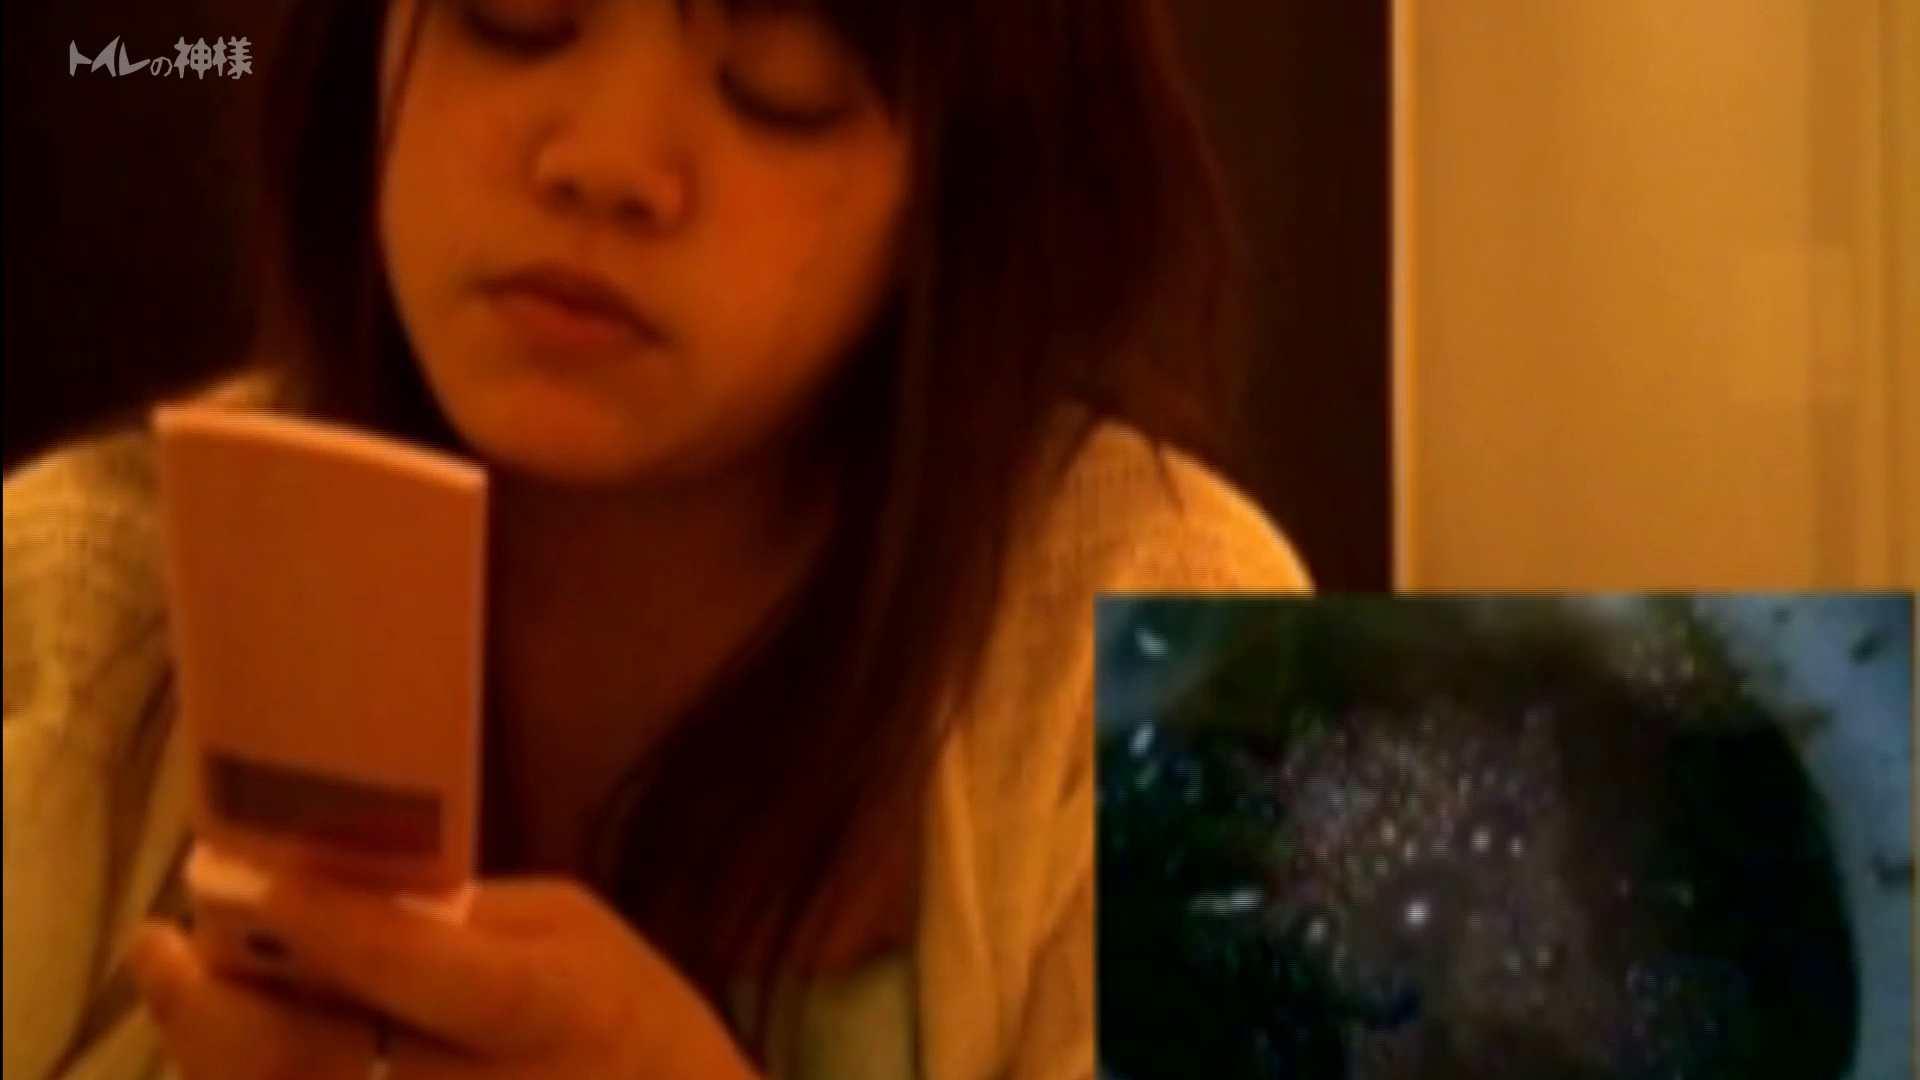 トイレの神様 Vol.03 彼女のうんち隠し撮り ギャル  70PIX 33